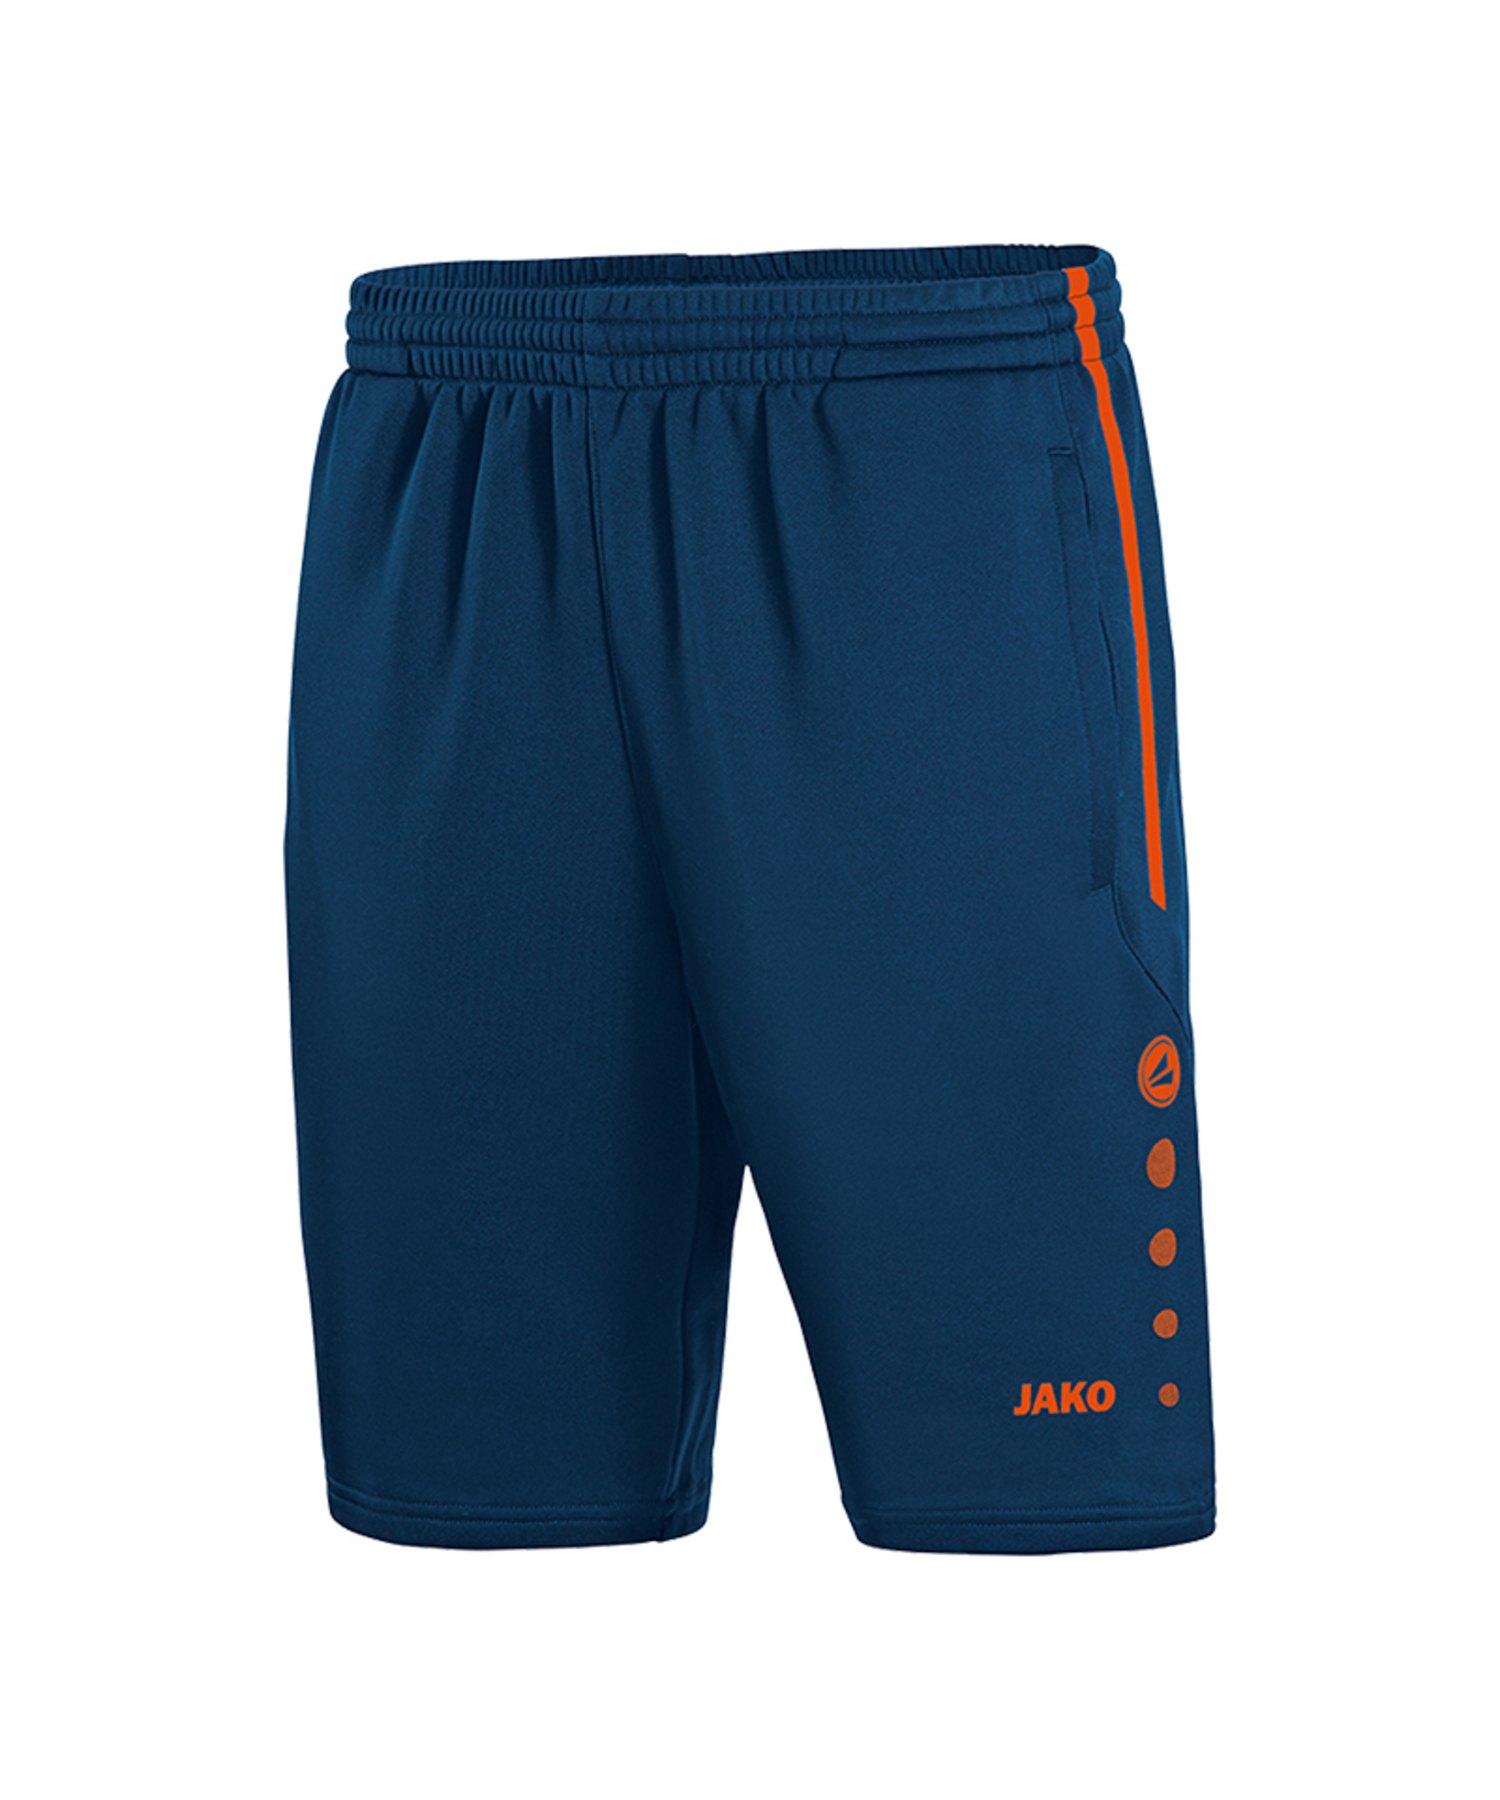 Jako Active Trainingsshort Kids Blau Orange F18 - Blau